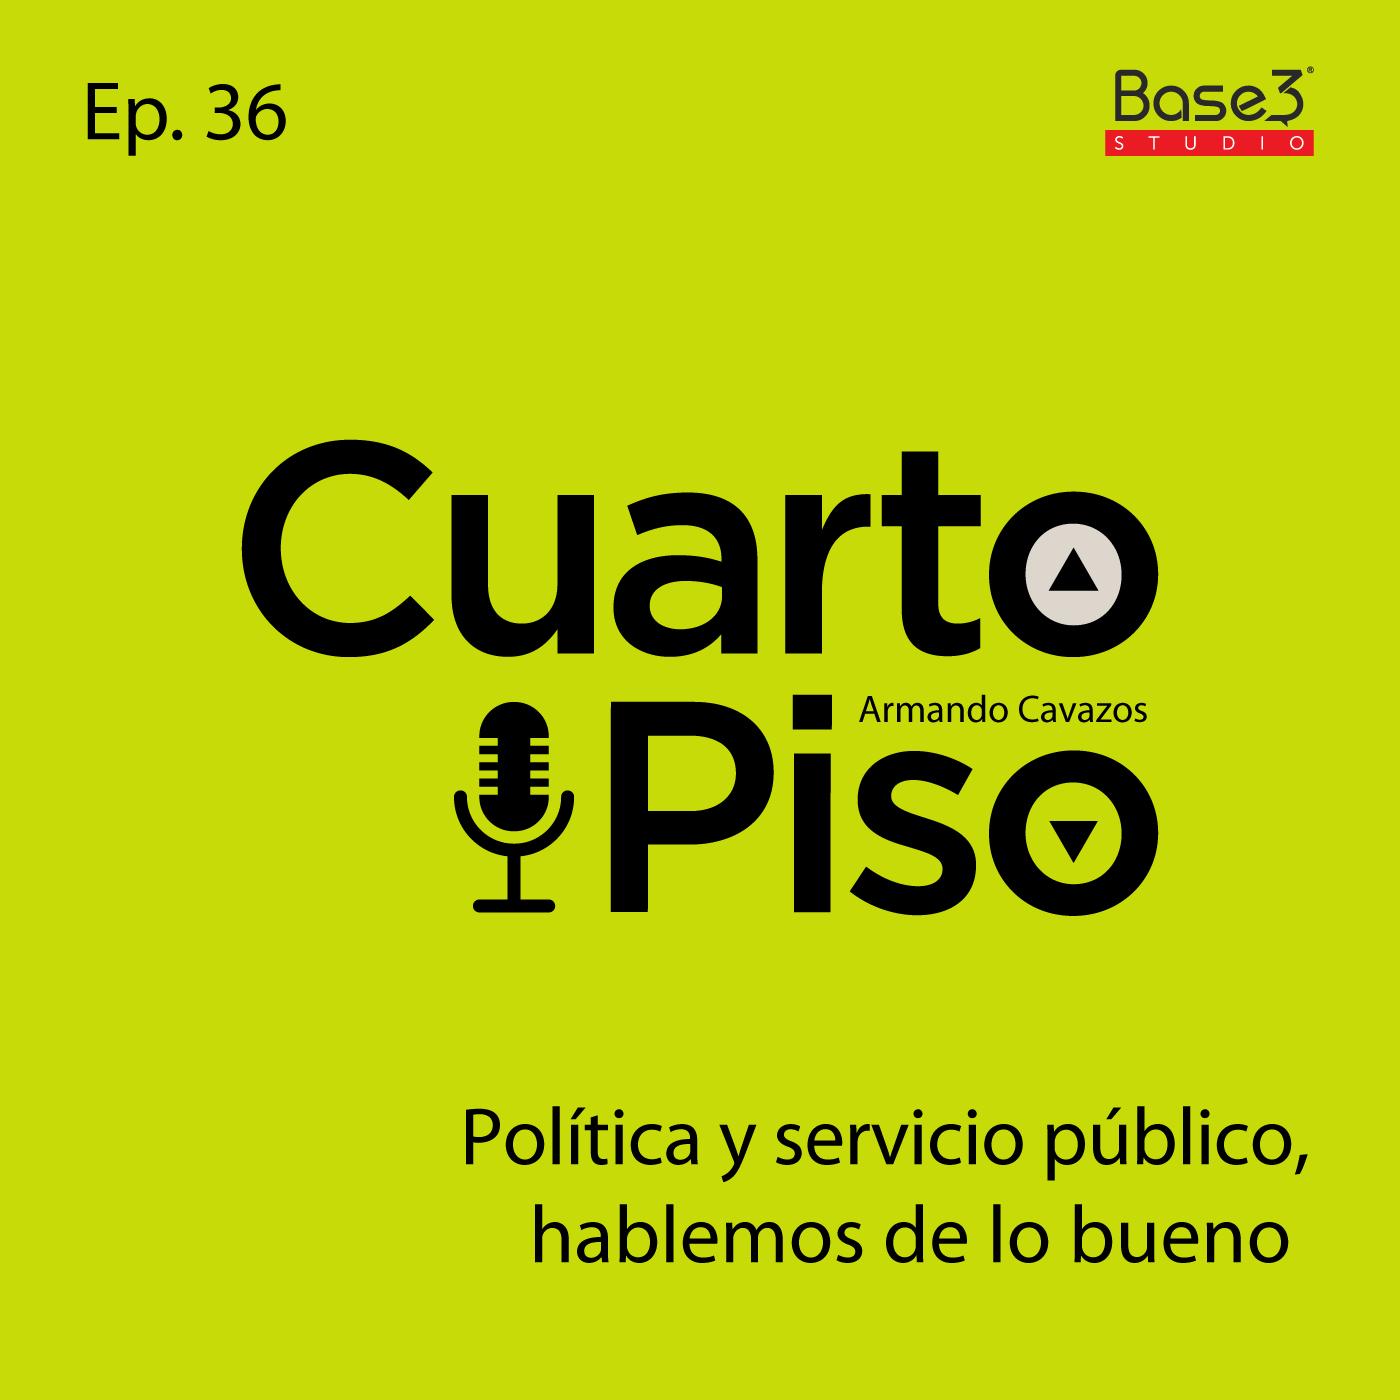 Política y servicio público, hablemos de lo bueno